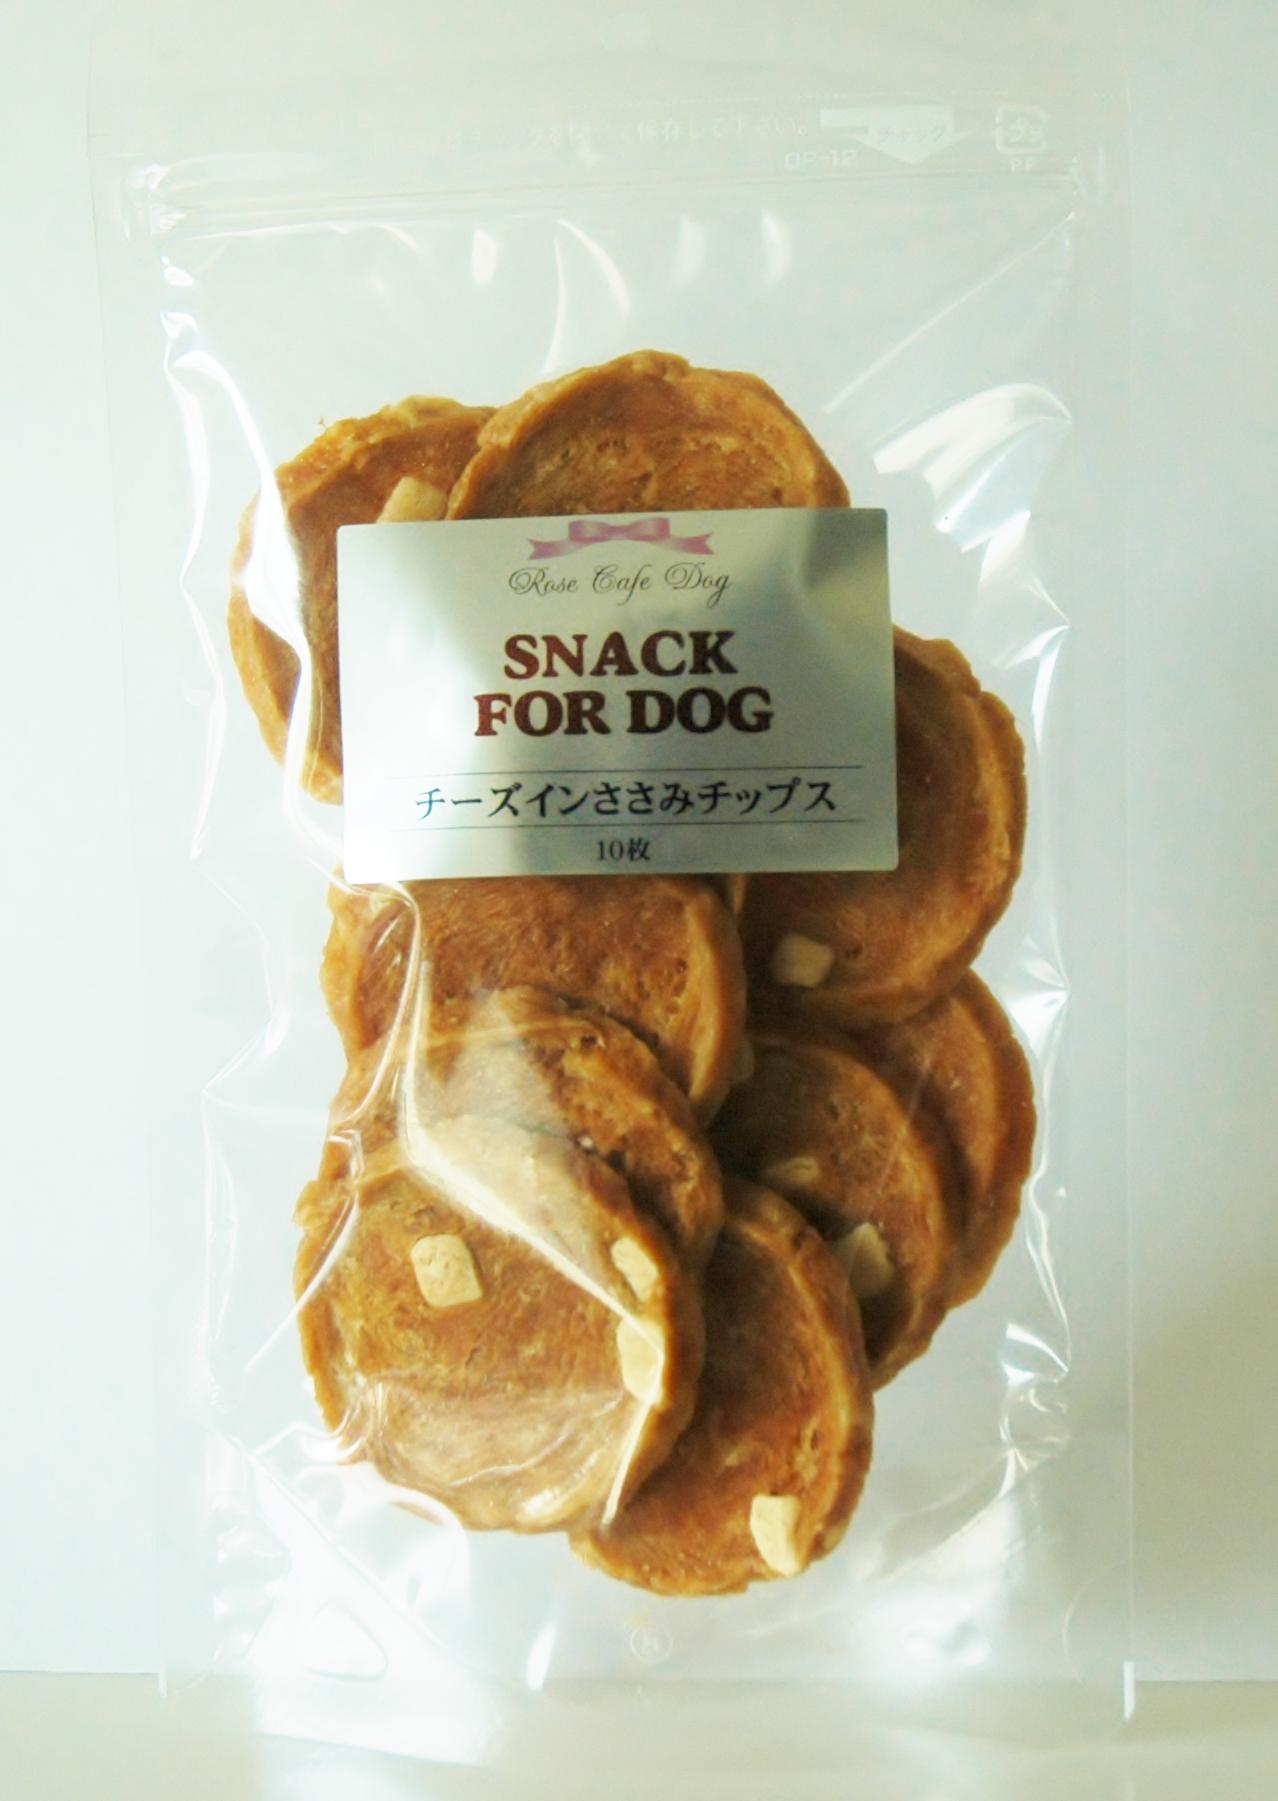 高級・正統派の美味しさを♪犬の無添加上品おやつ【 チーズインささみチップス 】10枚入